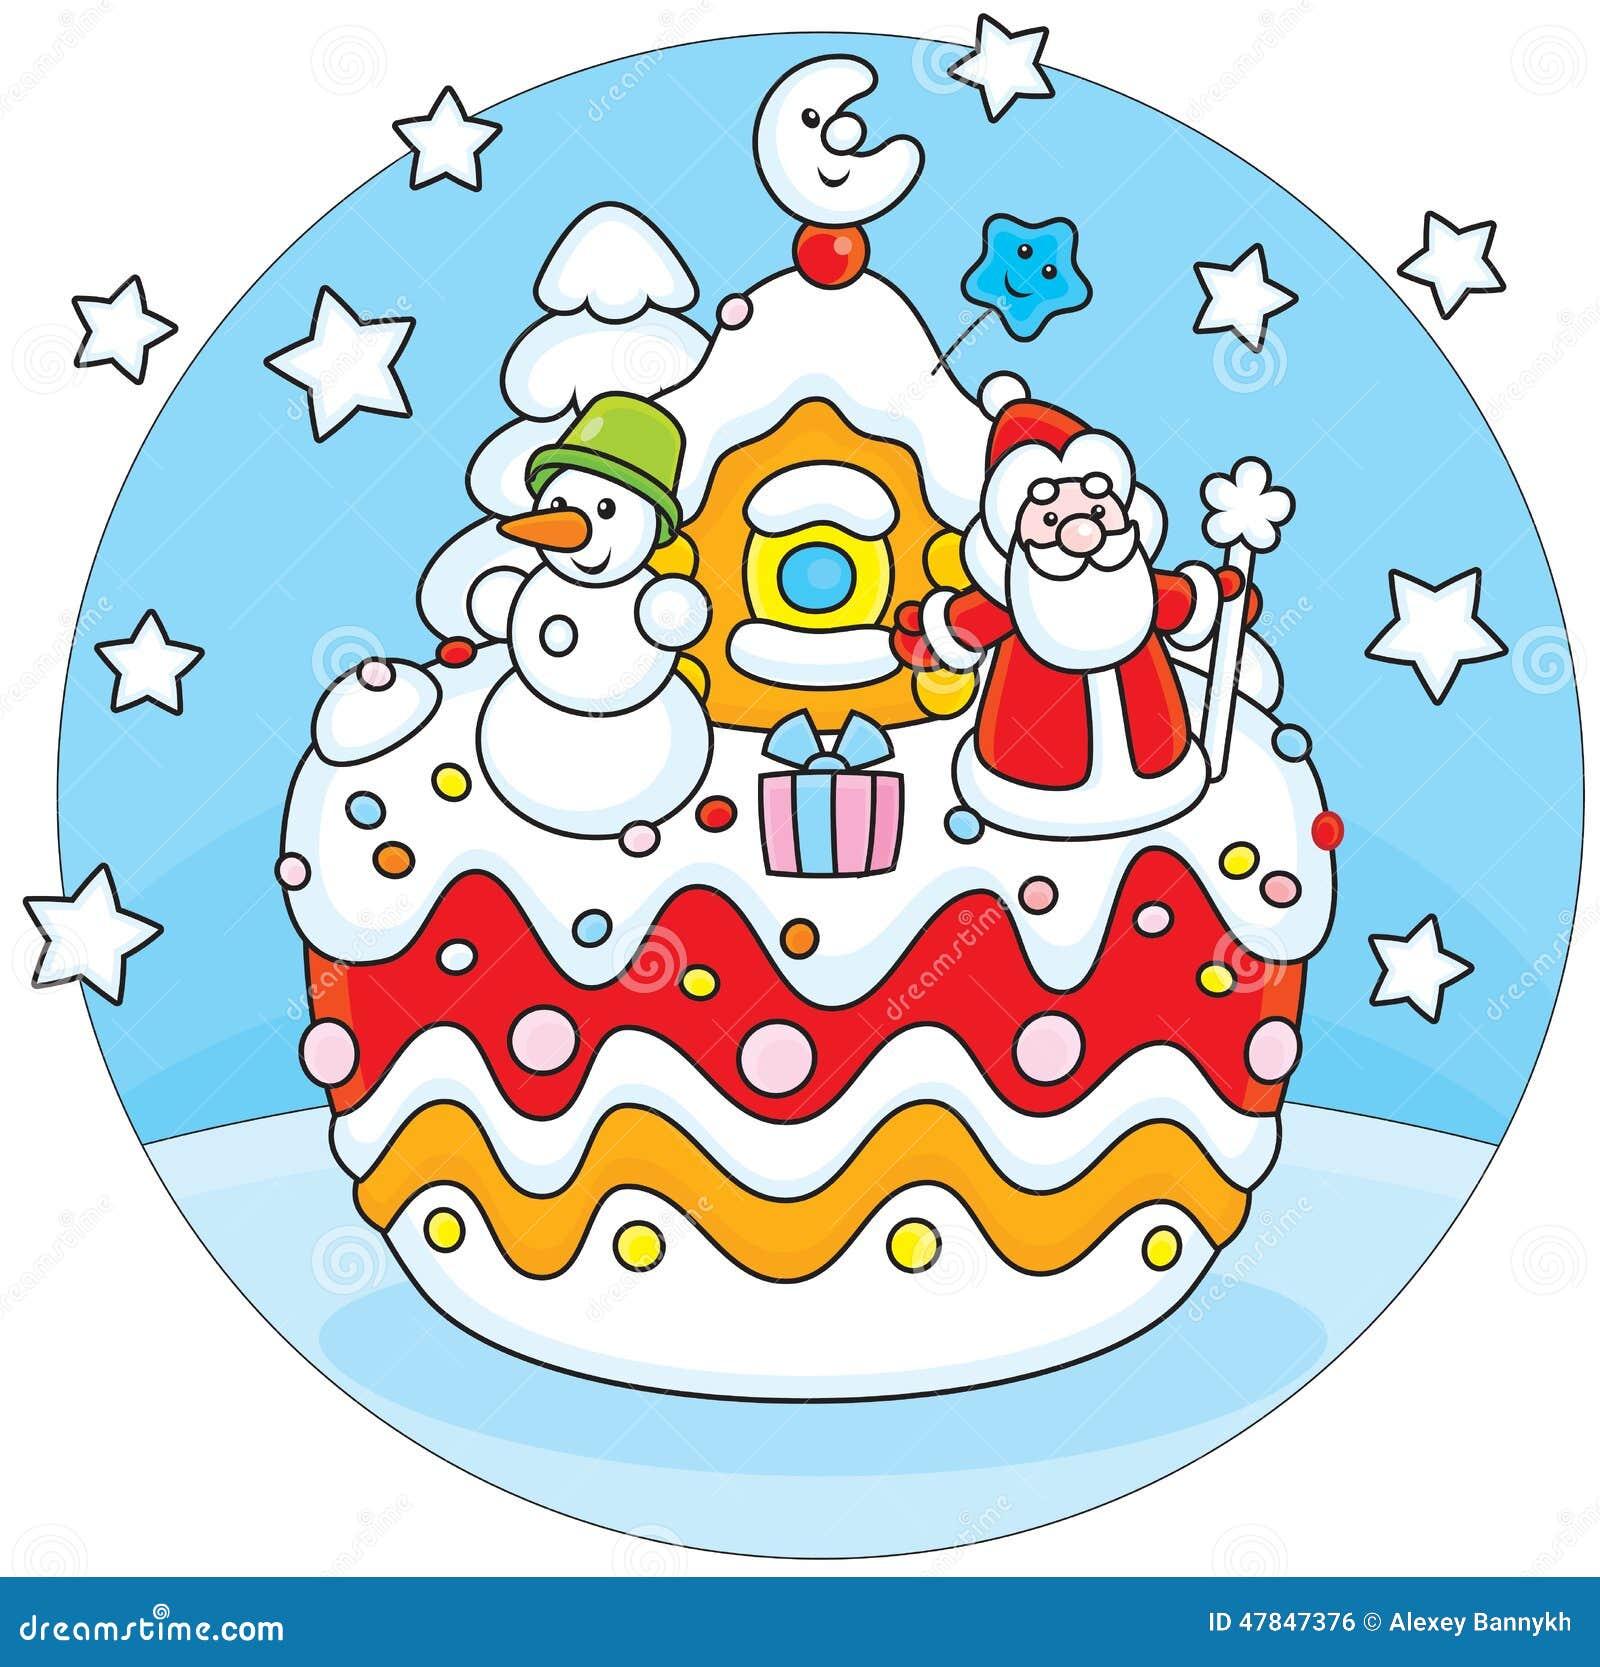 与父亲圣诞节他的房子和雪人的假日蛋糕.图片